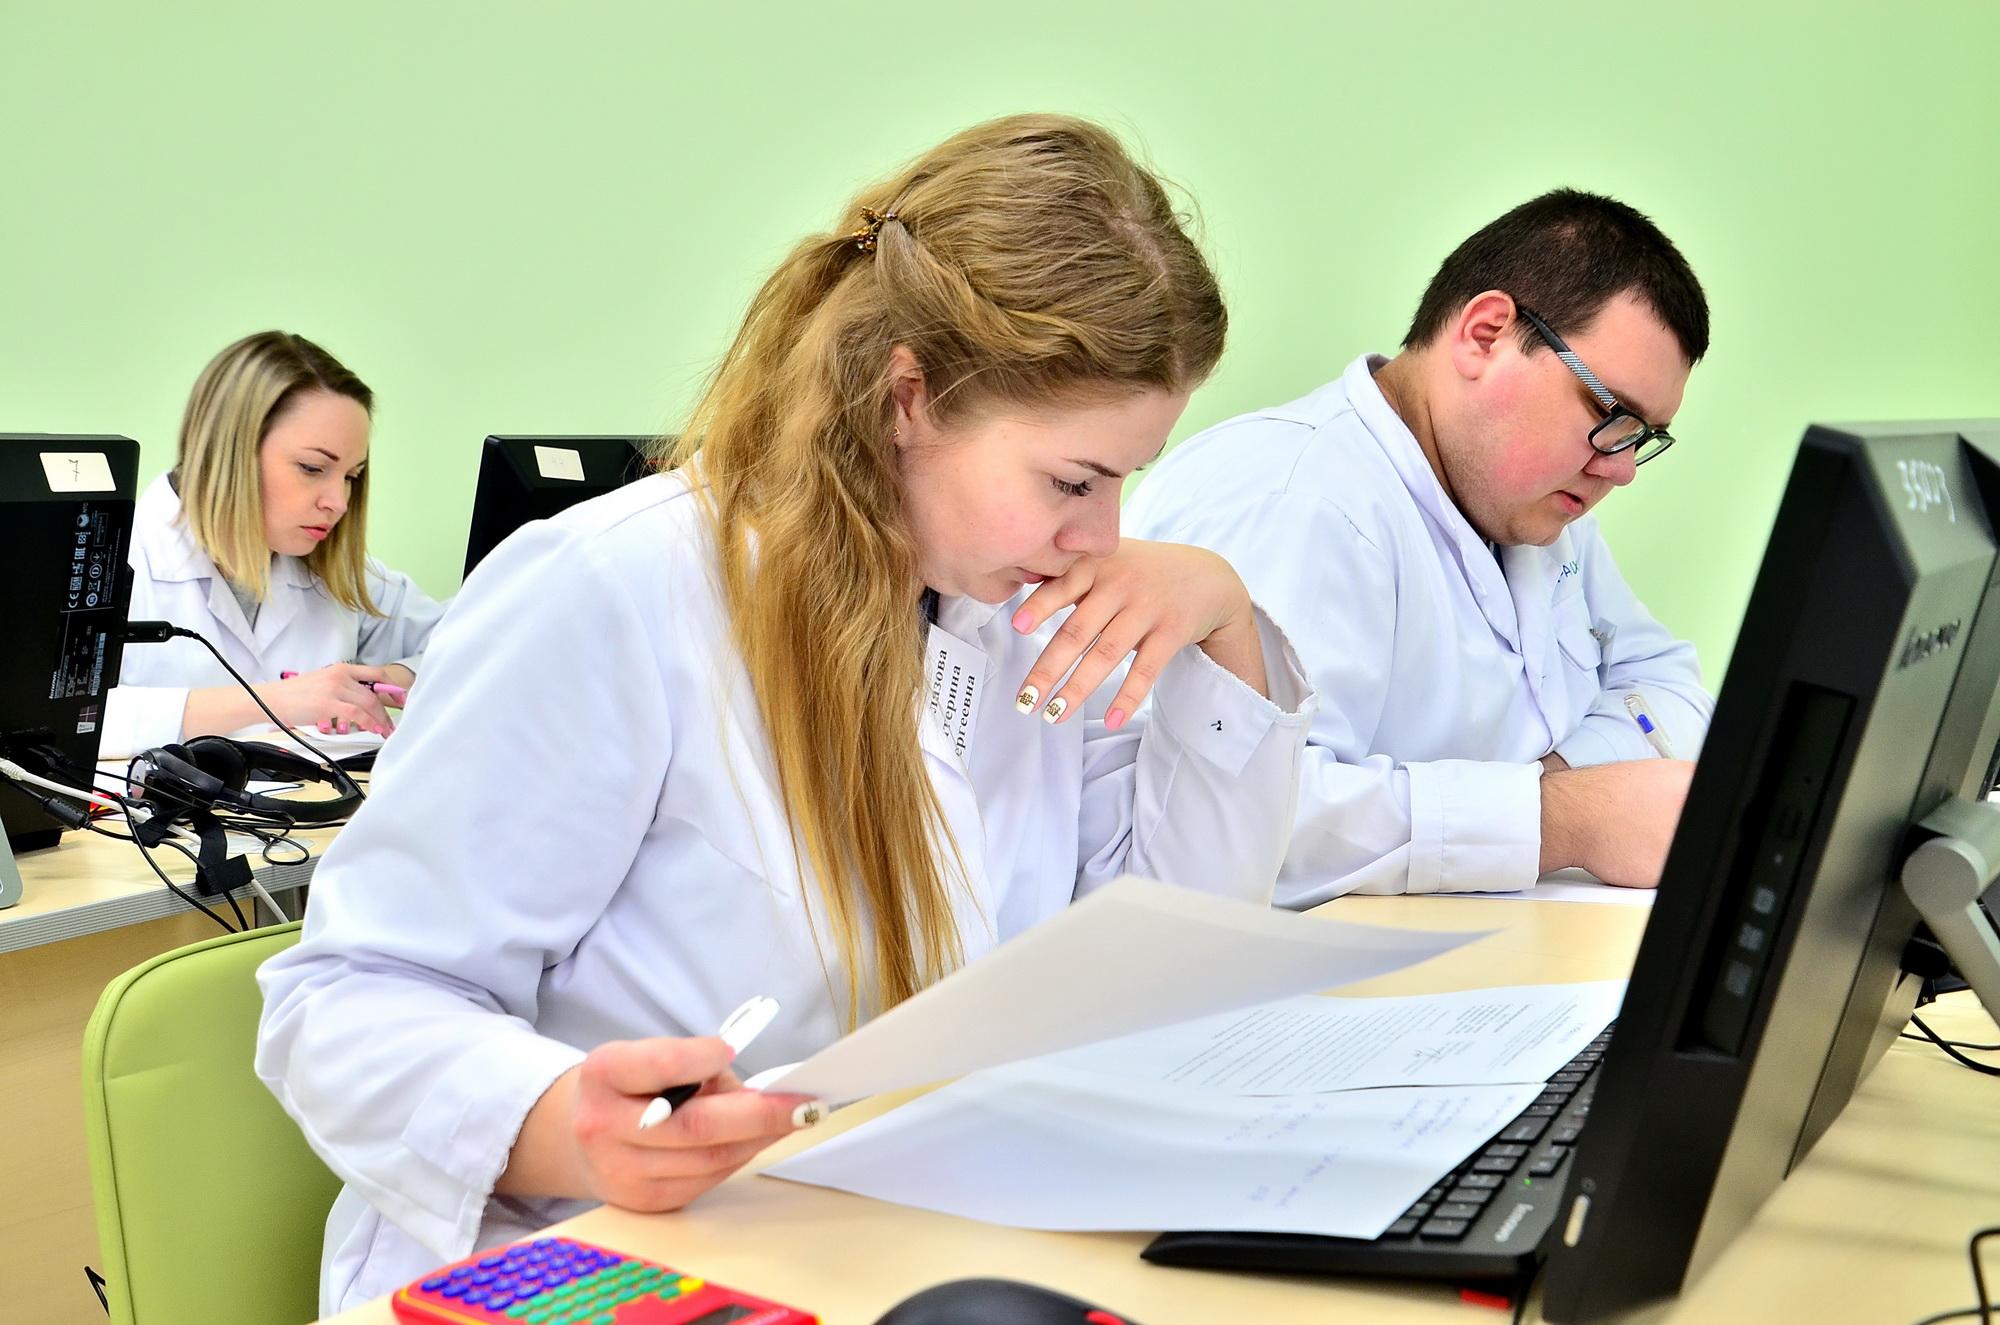 Средняя заработная плата рабочих кирово-чепецкого филиала «УРАЛХИМа» в 2019 году превысила 43 тысячи рублей